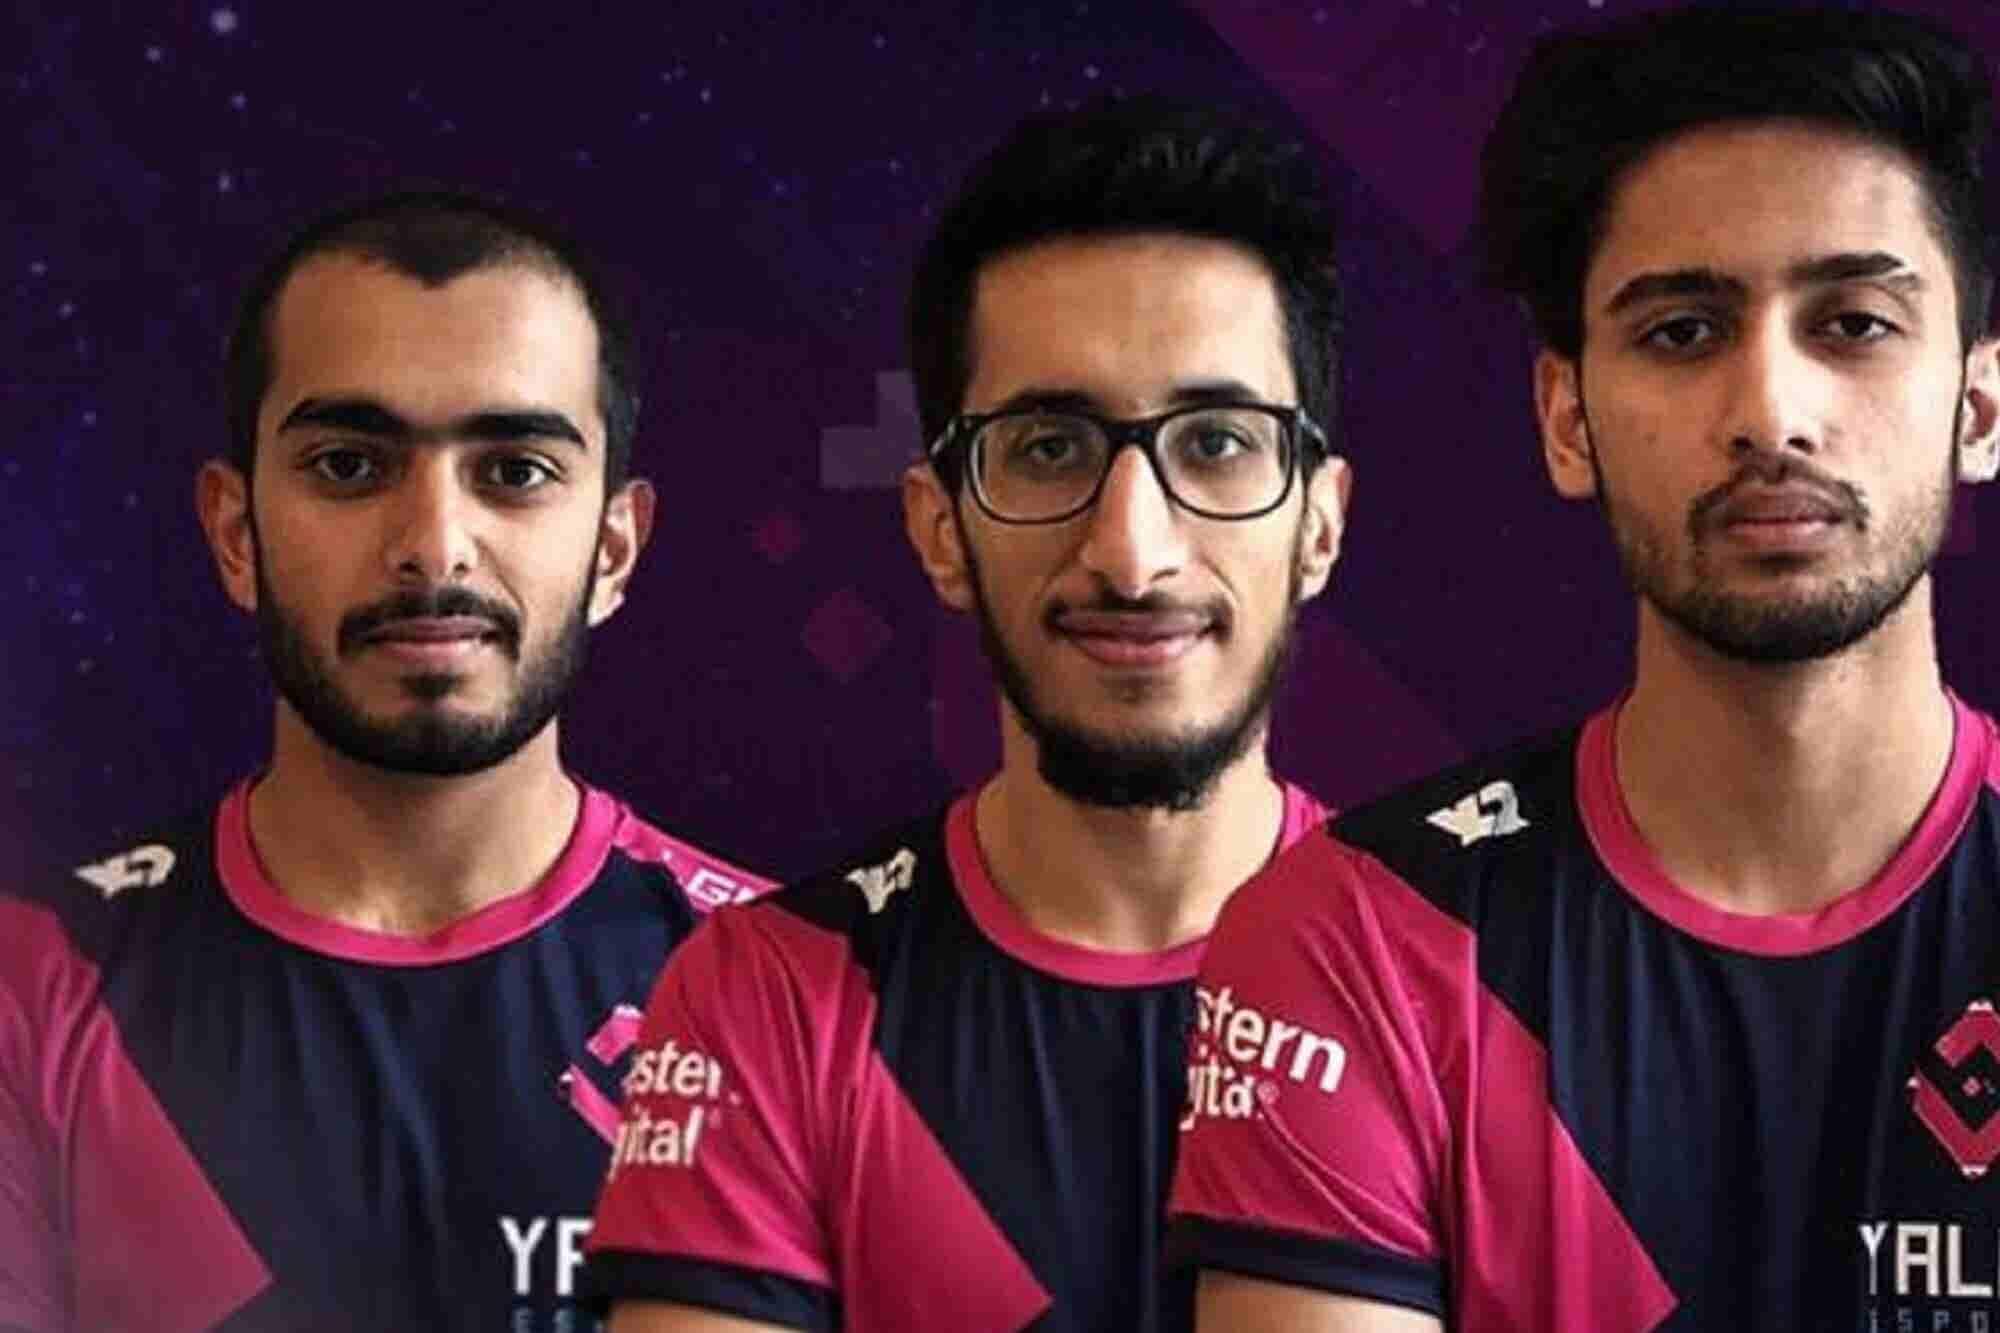 We Got Funded: Dubai-Based YaLLa Esports Raises Seed Funding